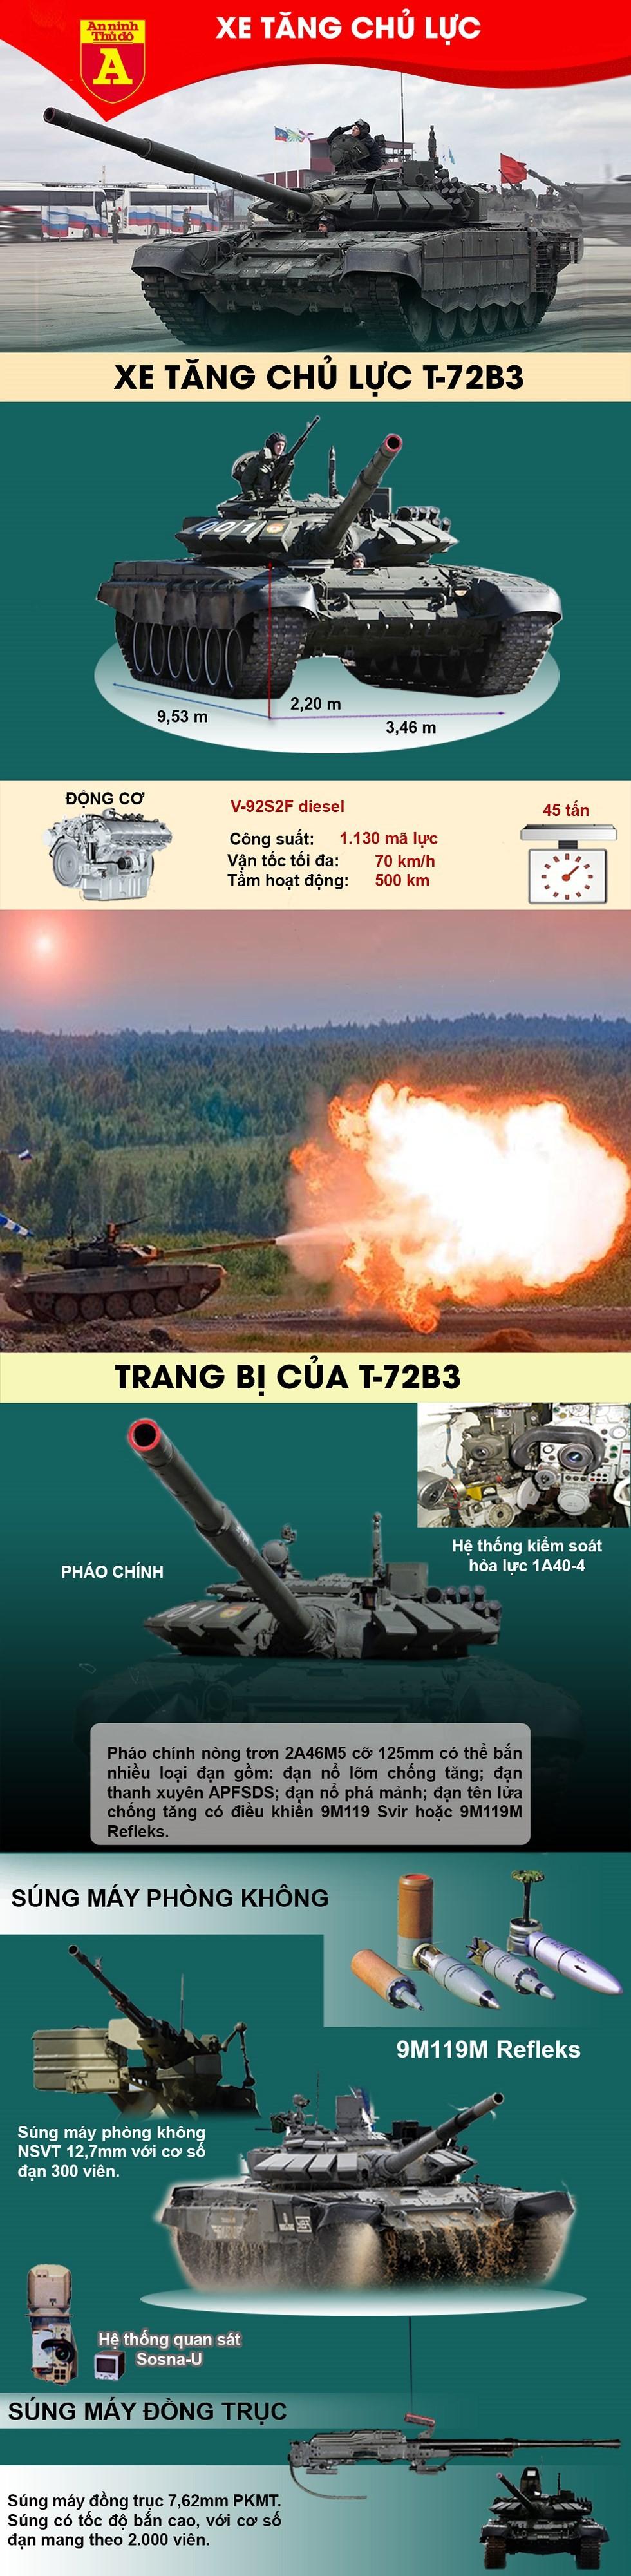 [ĐỒ HỌA] Ngã ngửa với mục đích thực sự của việc Nga điều tăng T-72B3 áp sát Ukraine? ảnh 2